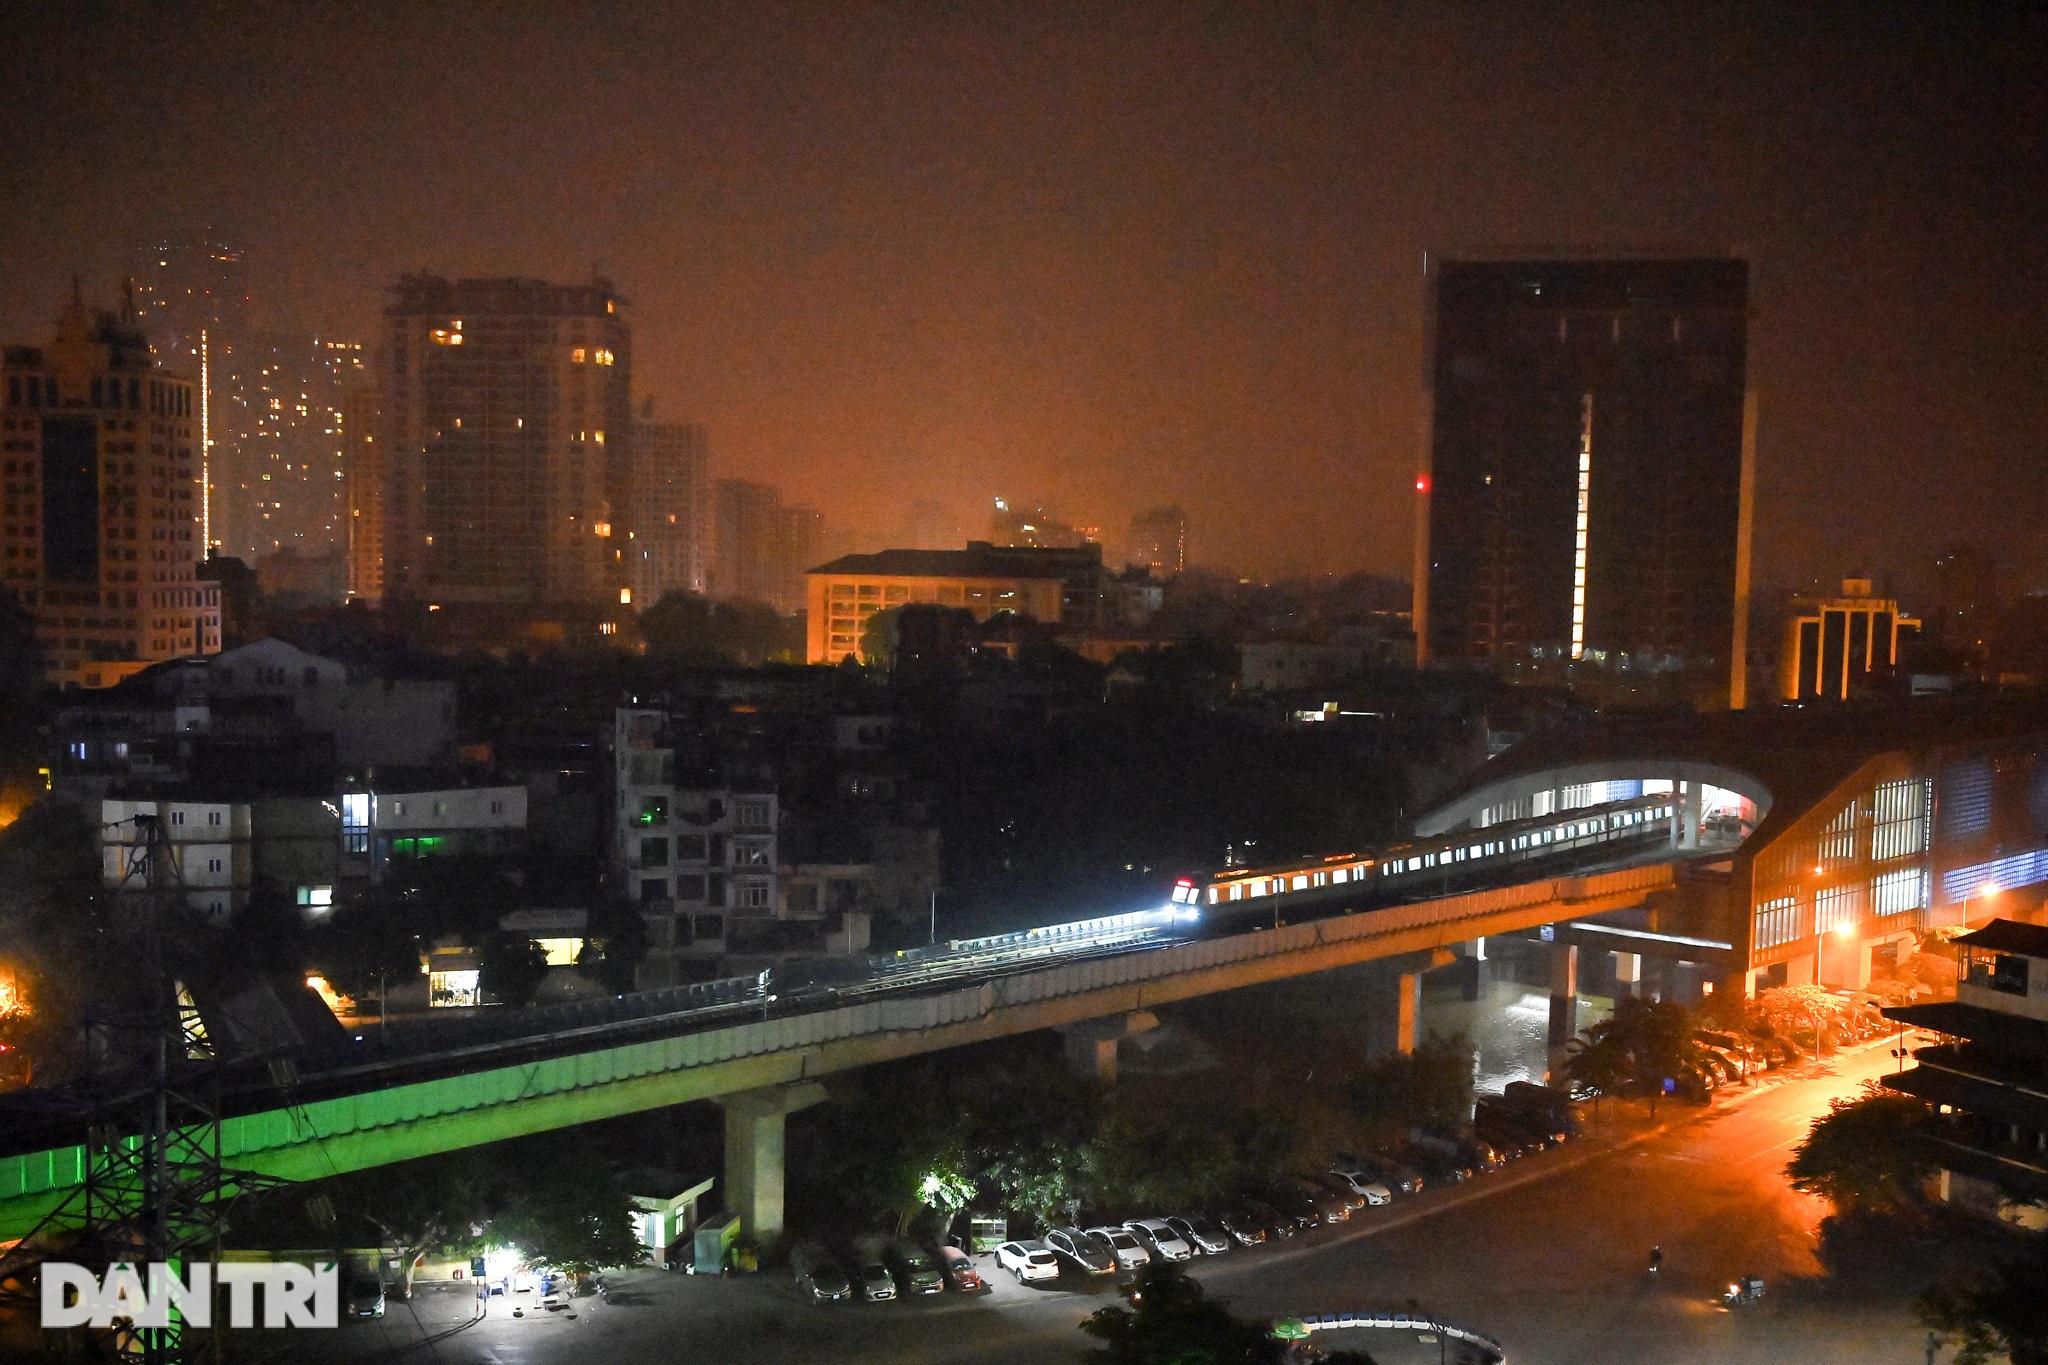 Toàn cảnh 9 đoàn tàu đường sắt Cát Linh - Hà Đông băng băng qua các nhà ga - 1